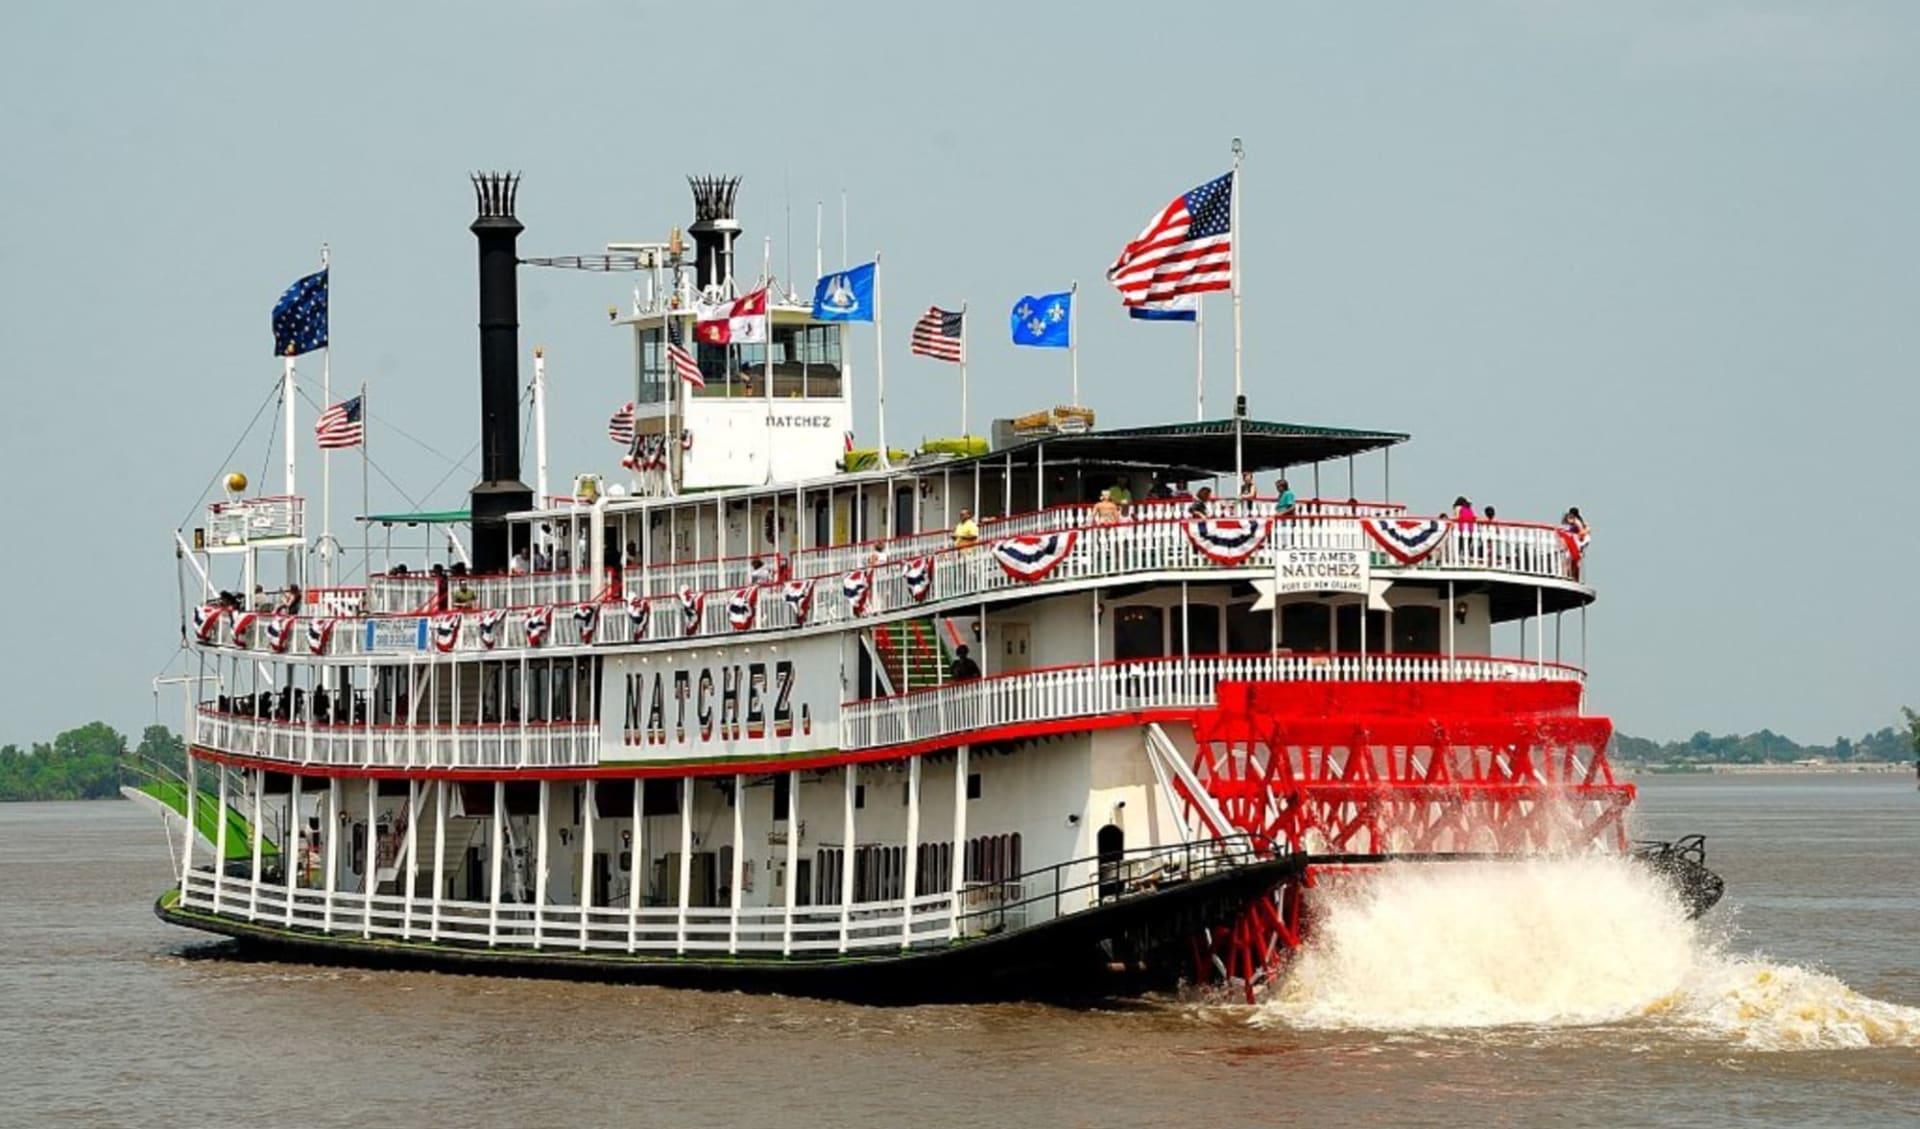 Höhepunkte der Südstaaten ab Atlanta: USA - Louisiana - New Orleans Steamboat